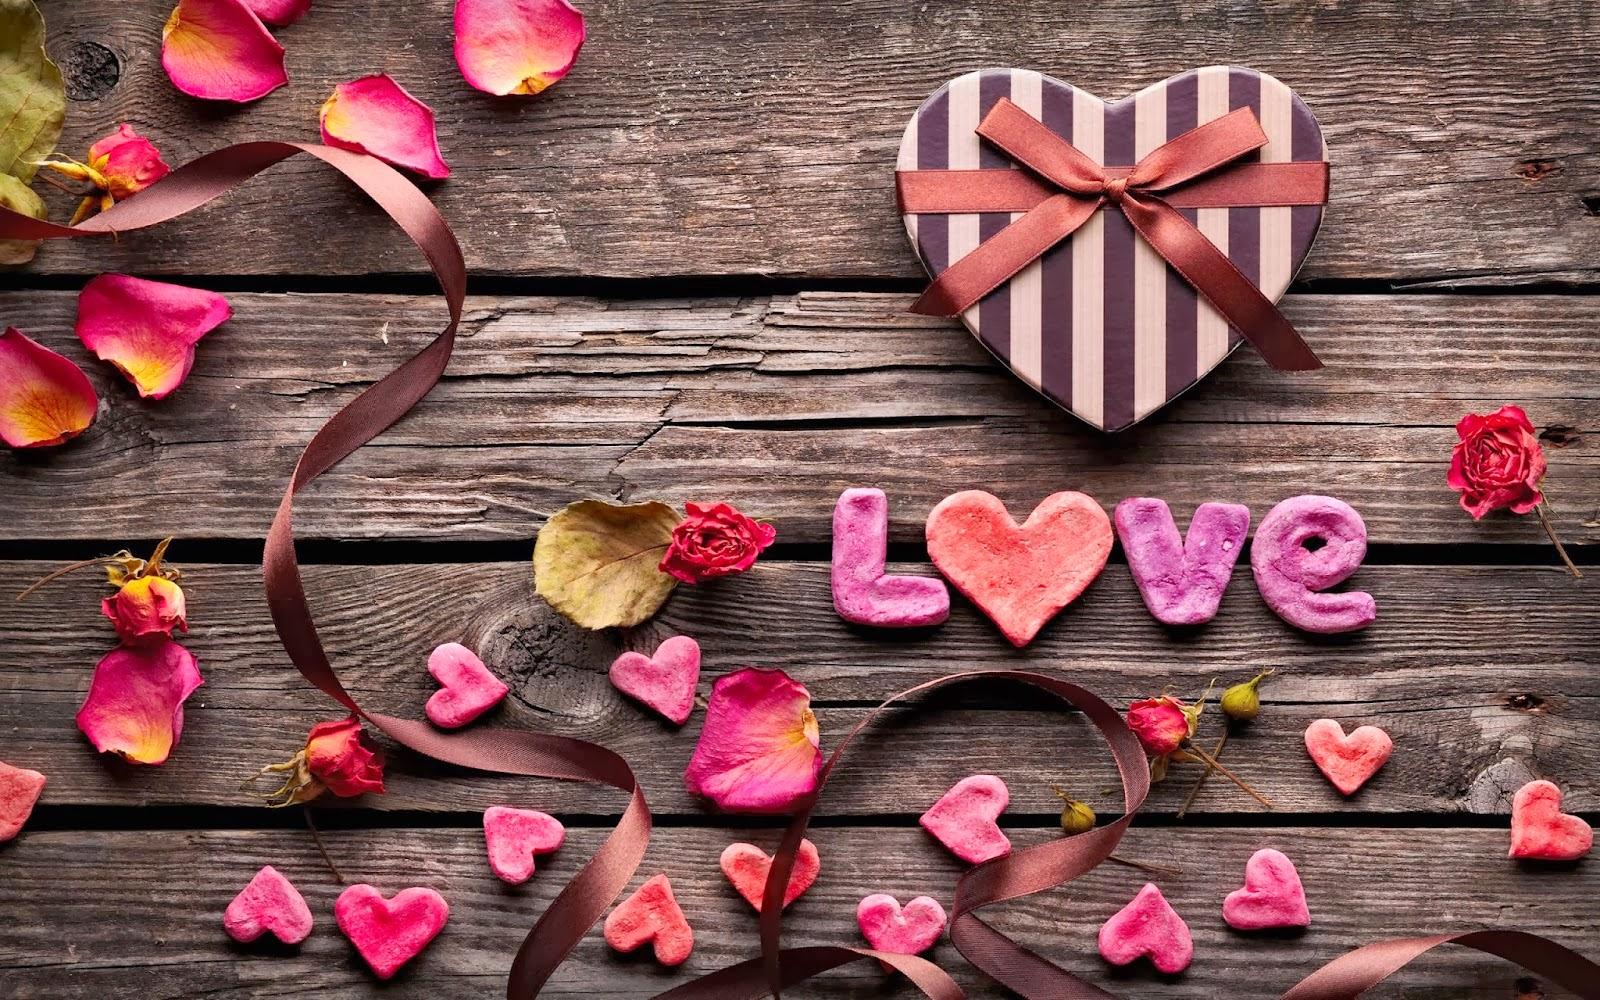 Fondos De Pantalla Animados De San Valentín: UNA ABOGADA EN CASA: FONDOS DE PANTALLA DE SAN VALENTÍN